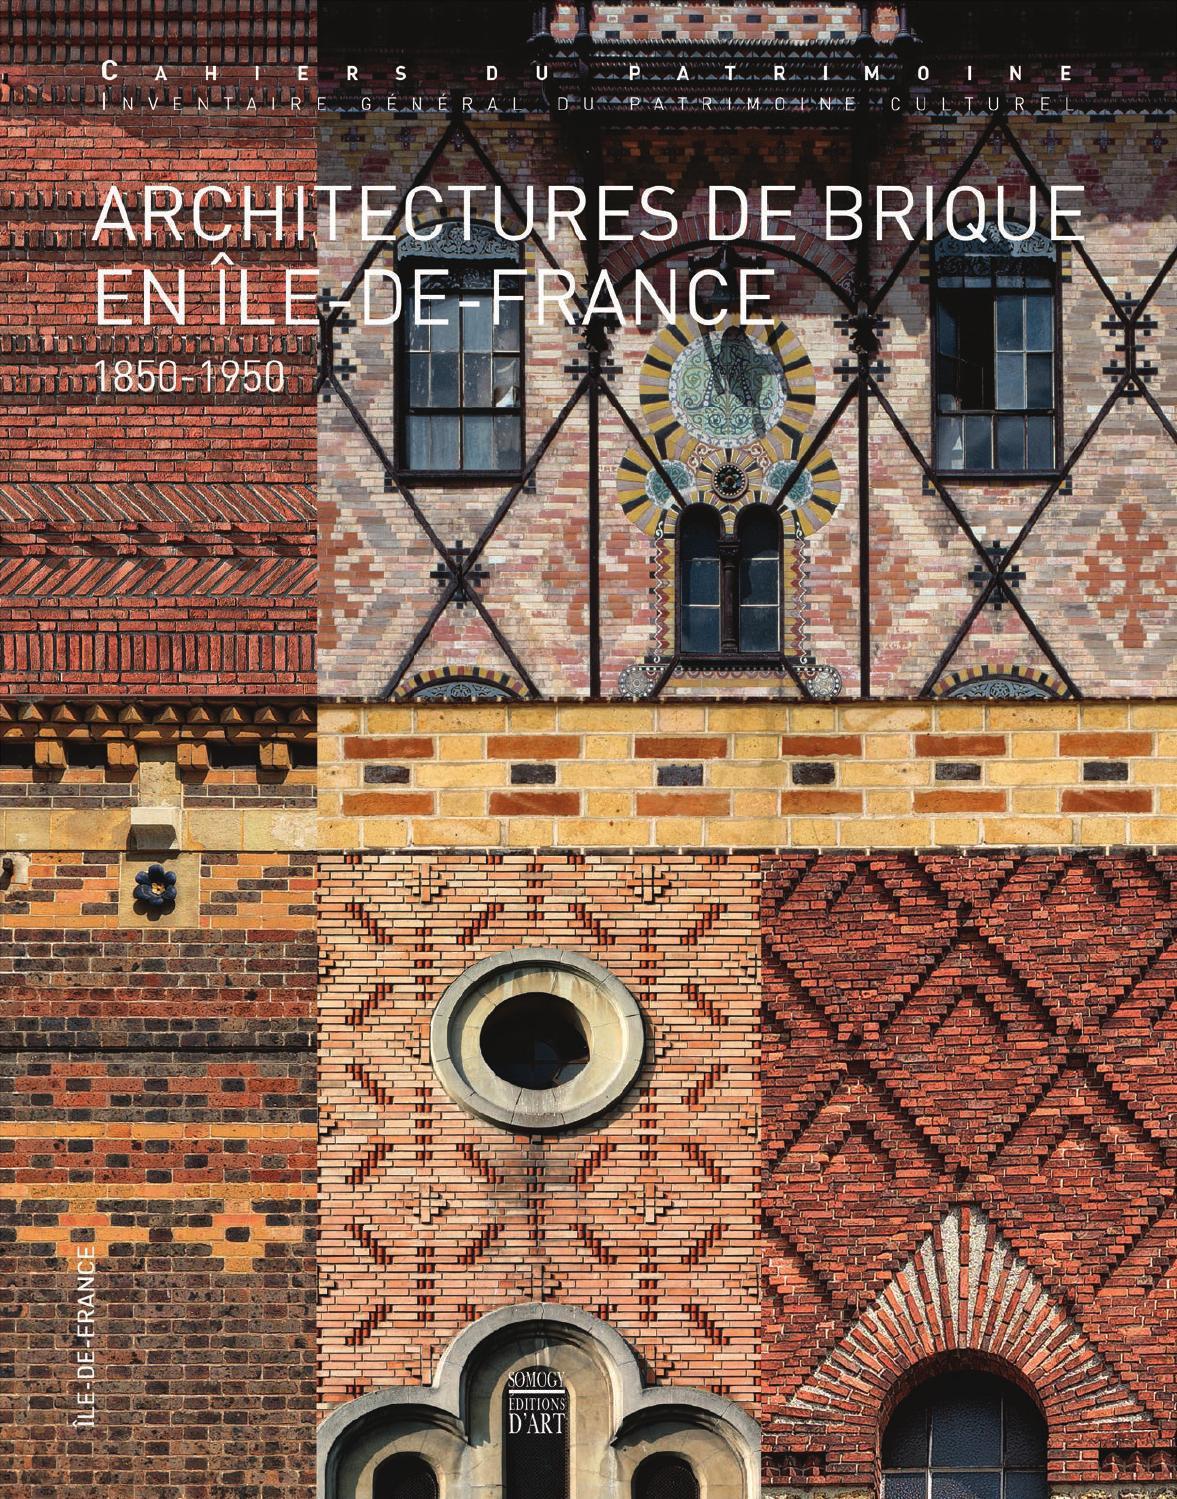 architectures de brique en le de france extrait by somogy ditions d 39 art issuu. Black Bedroom Furniture Sets. Home Design Ideas